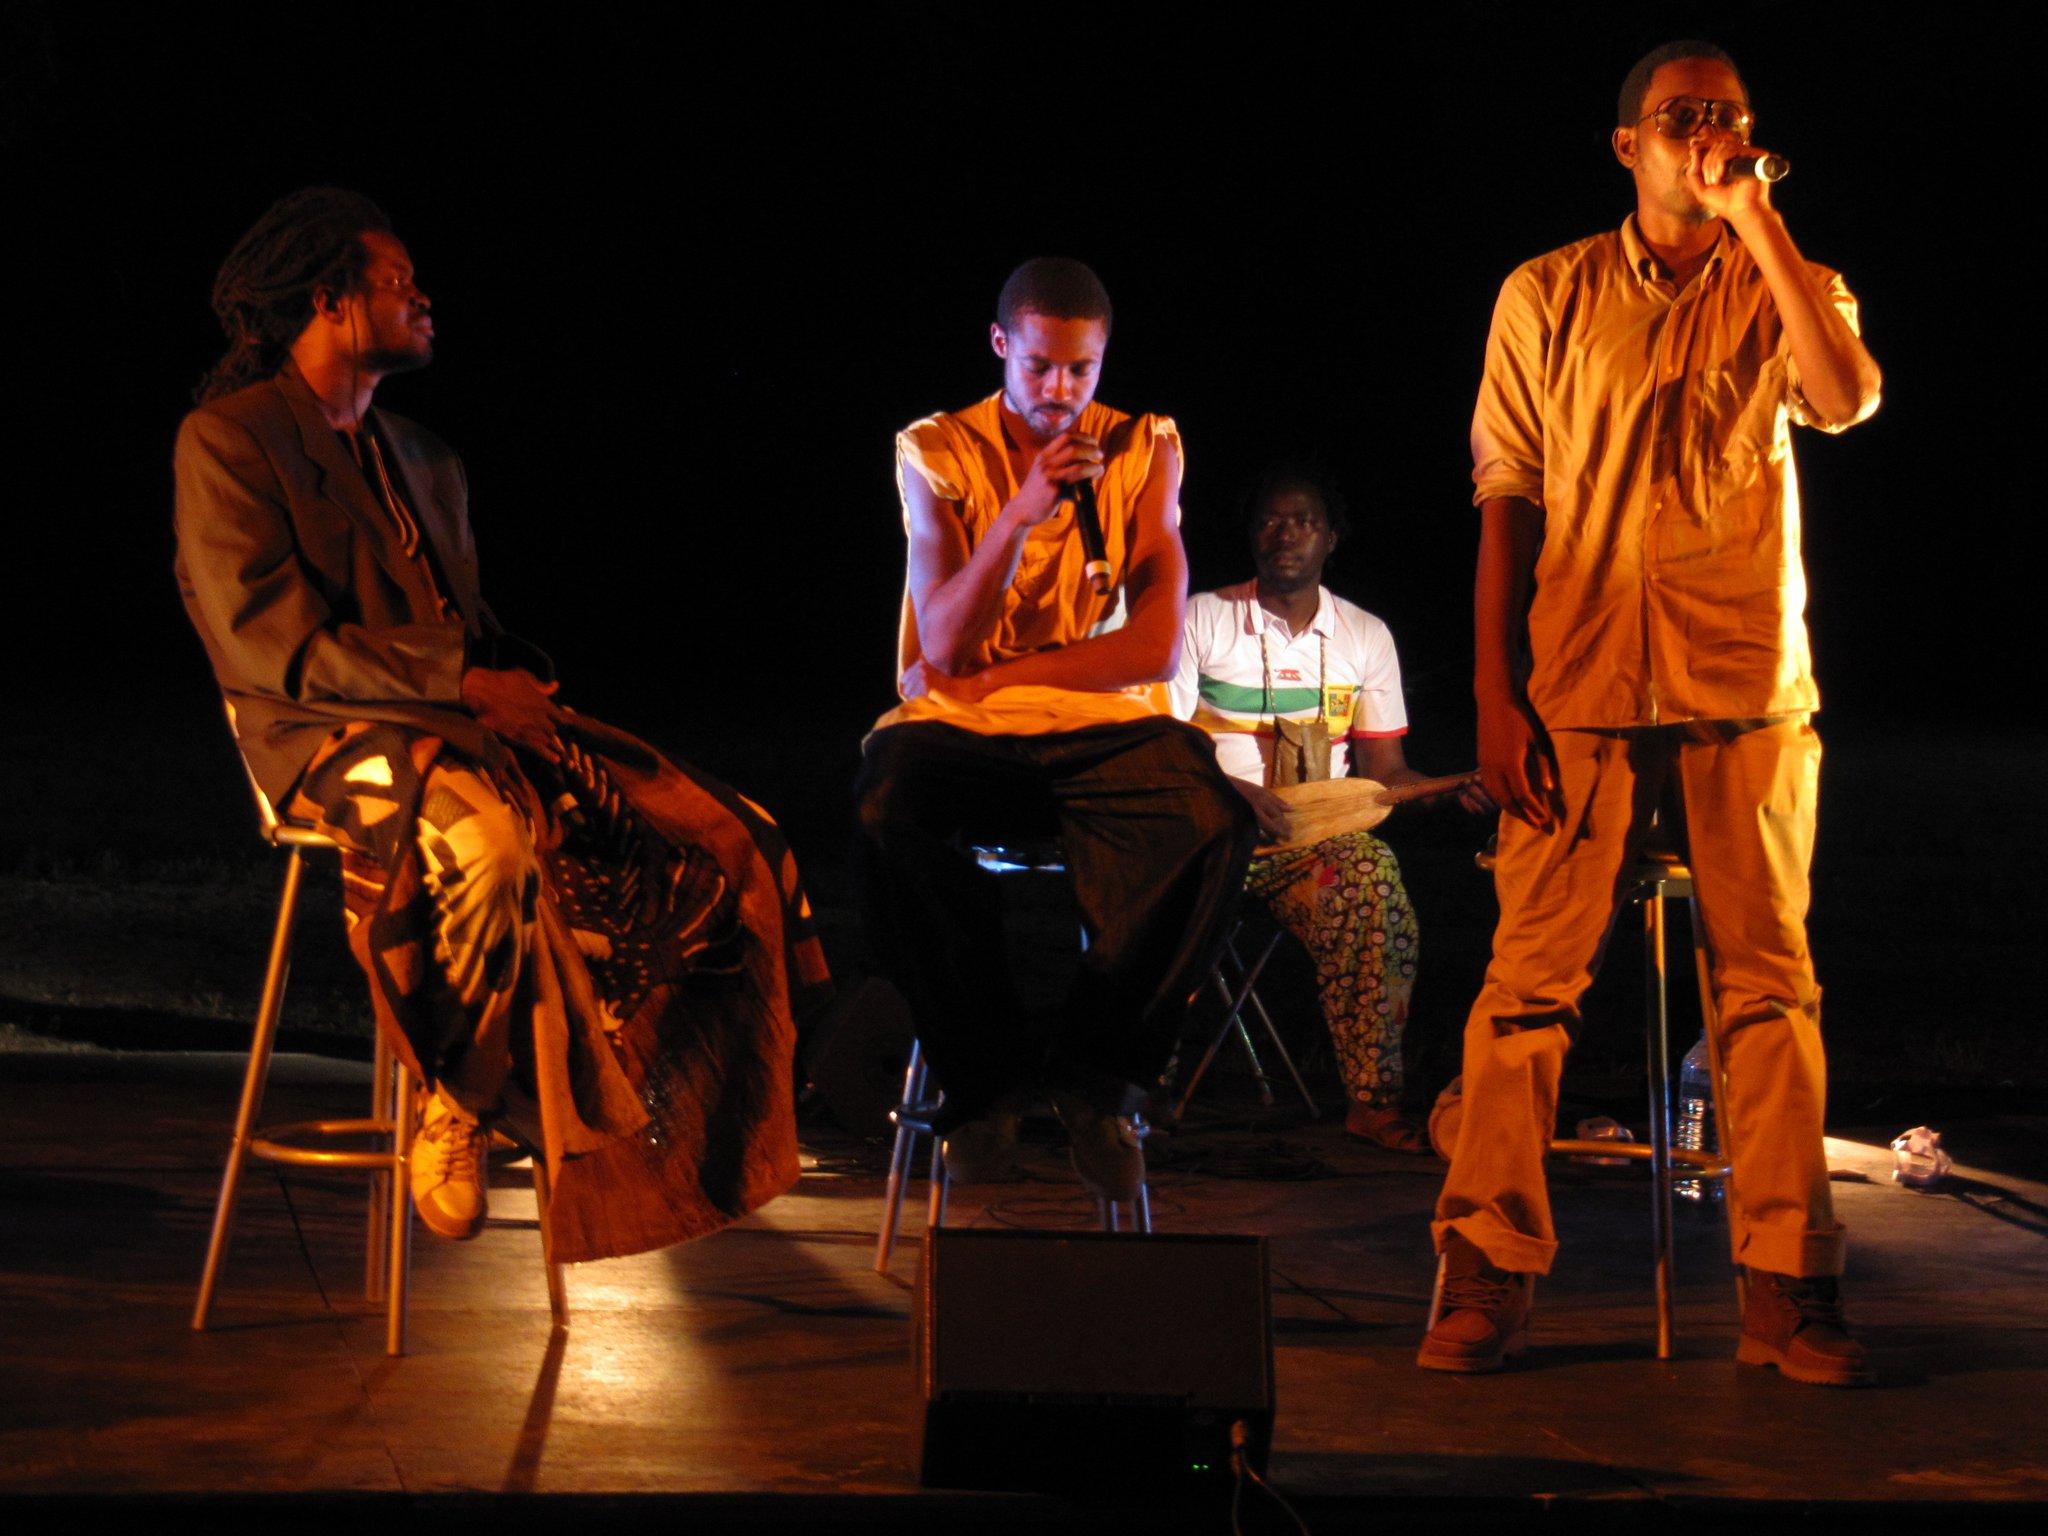 Théâtre musical hip hop – Bama saba